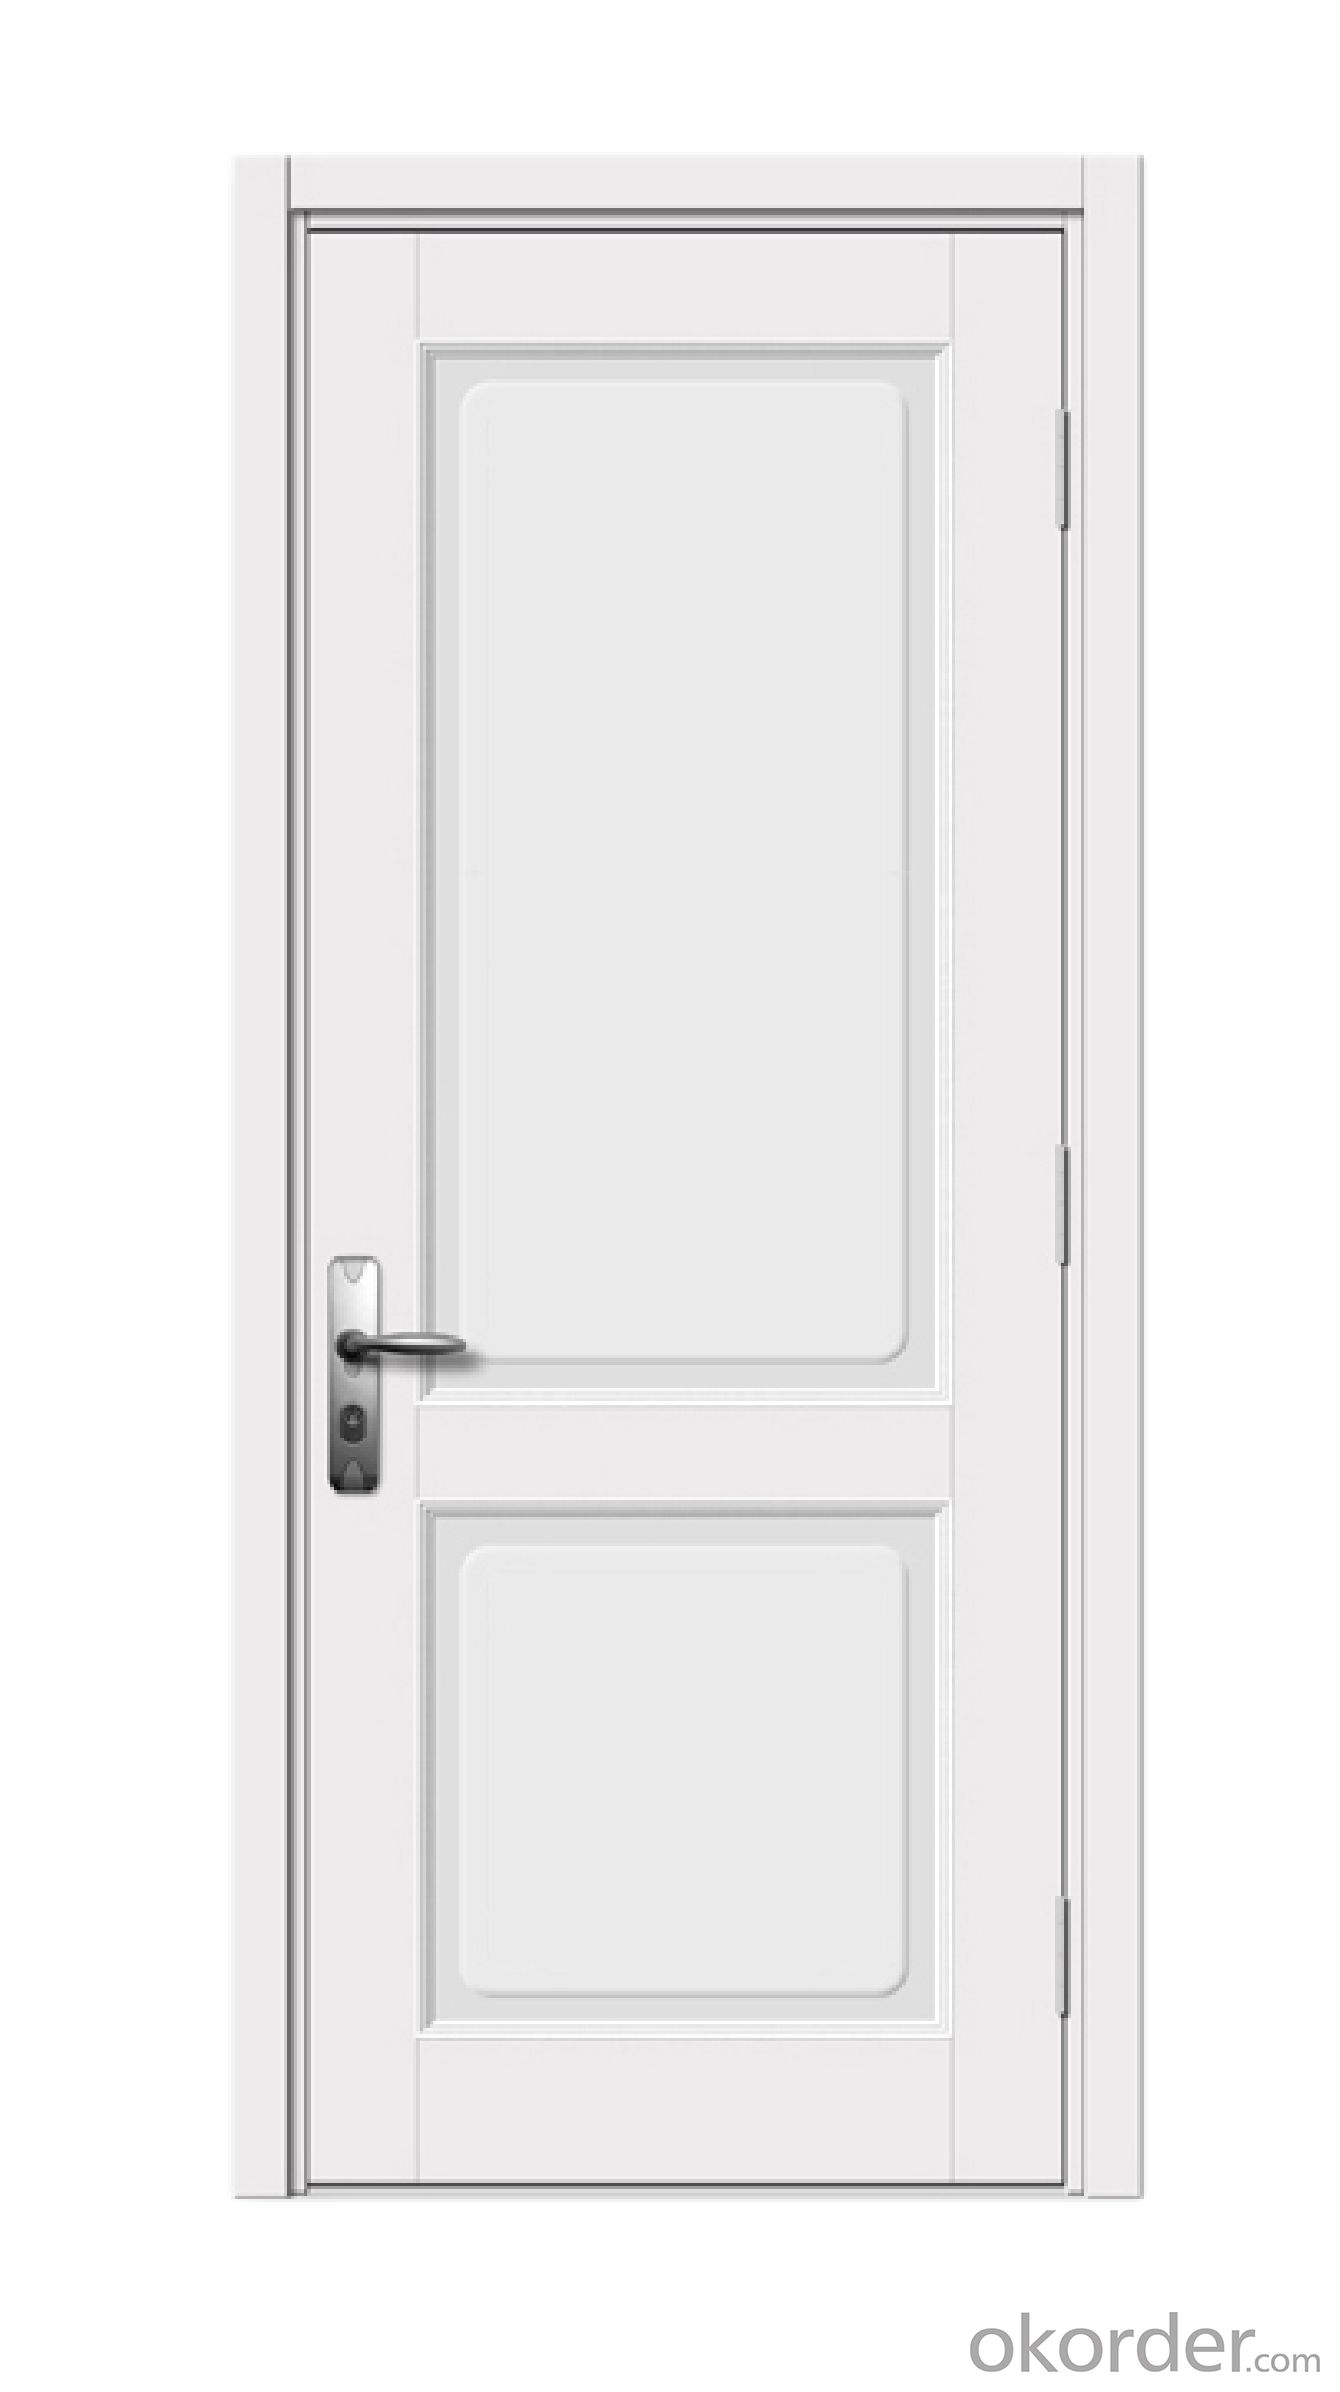 Buy copper door steel security door TX-767 Price,Size ...